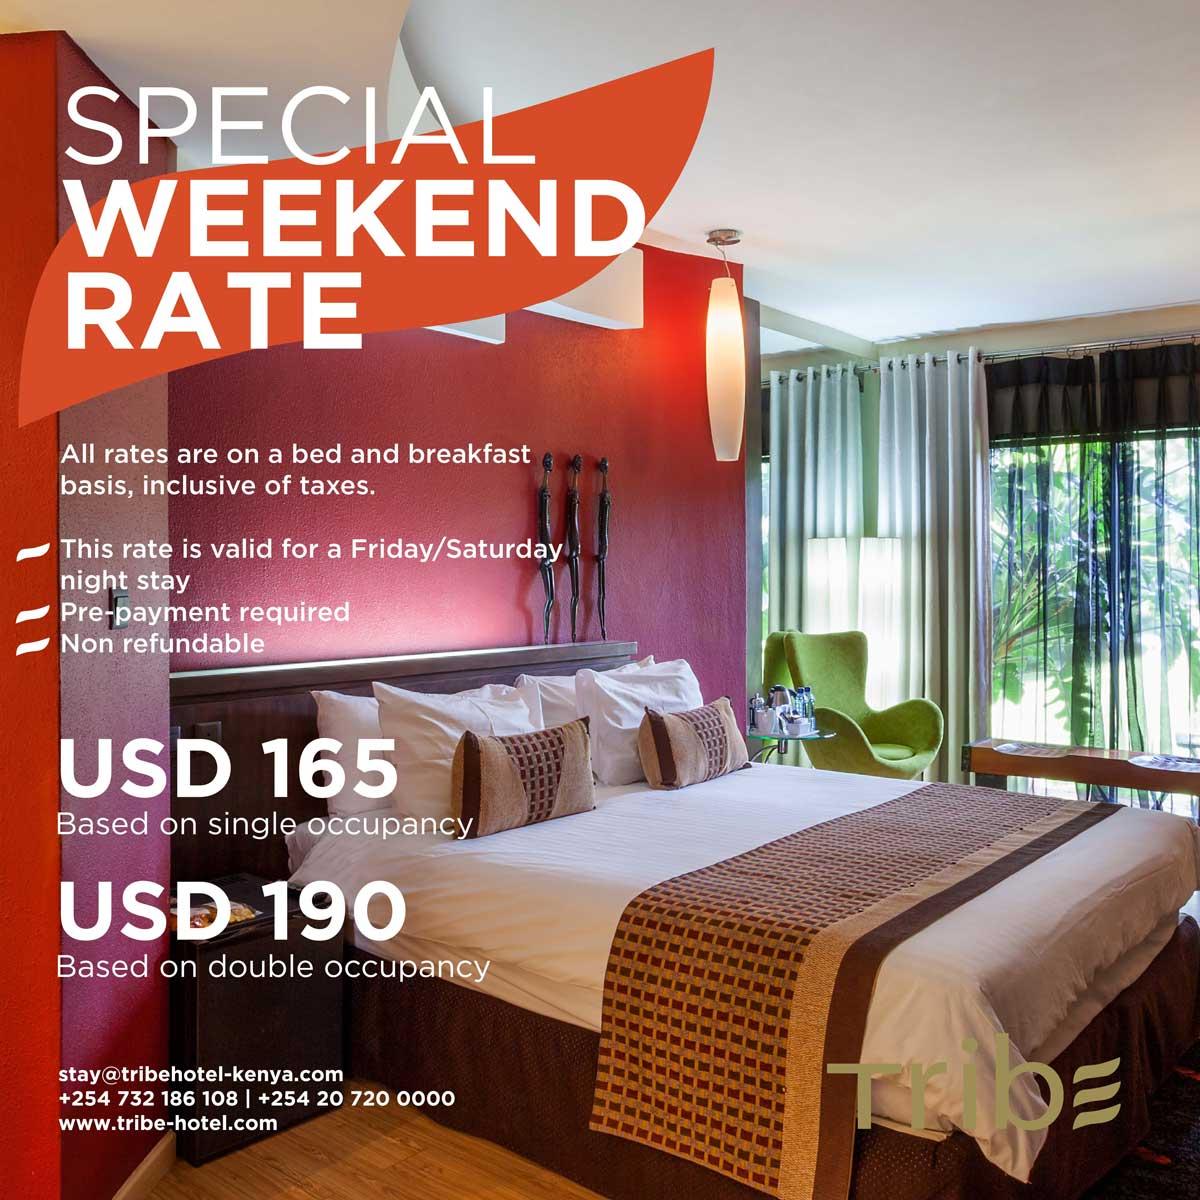 Special weekend rate